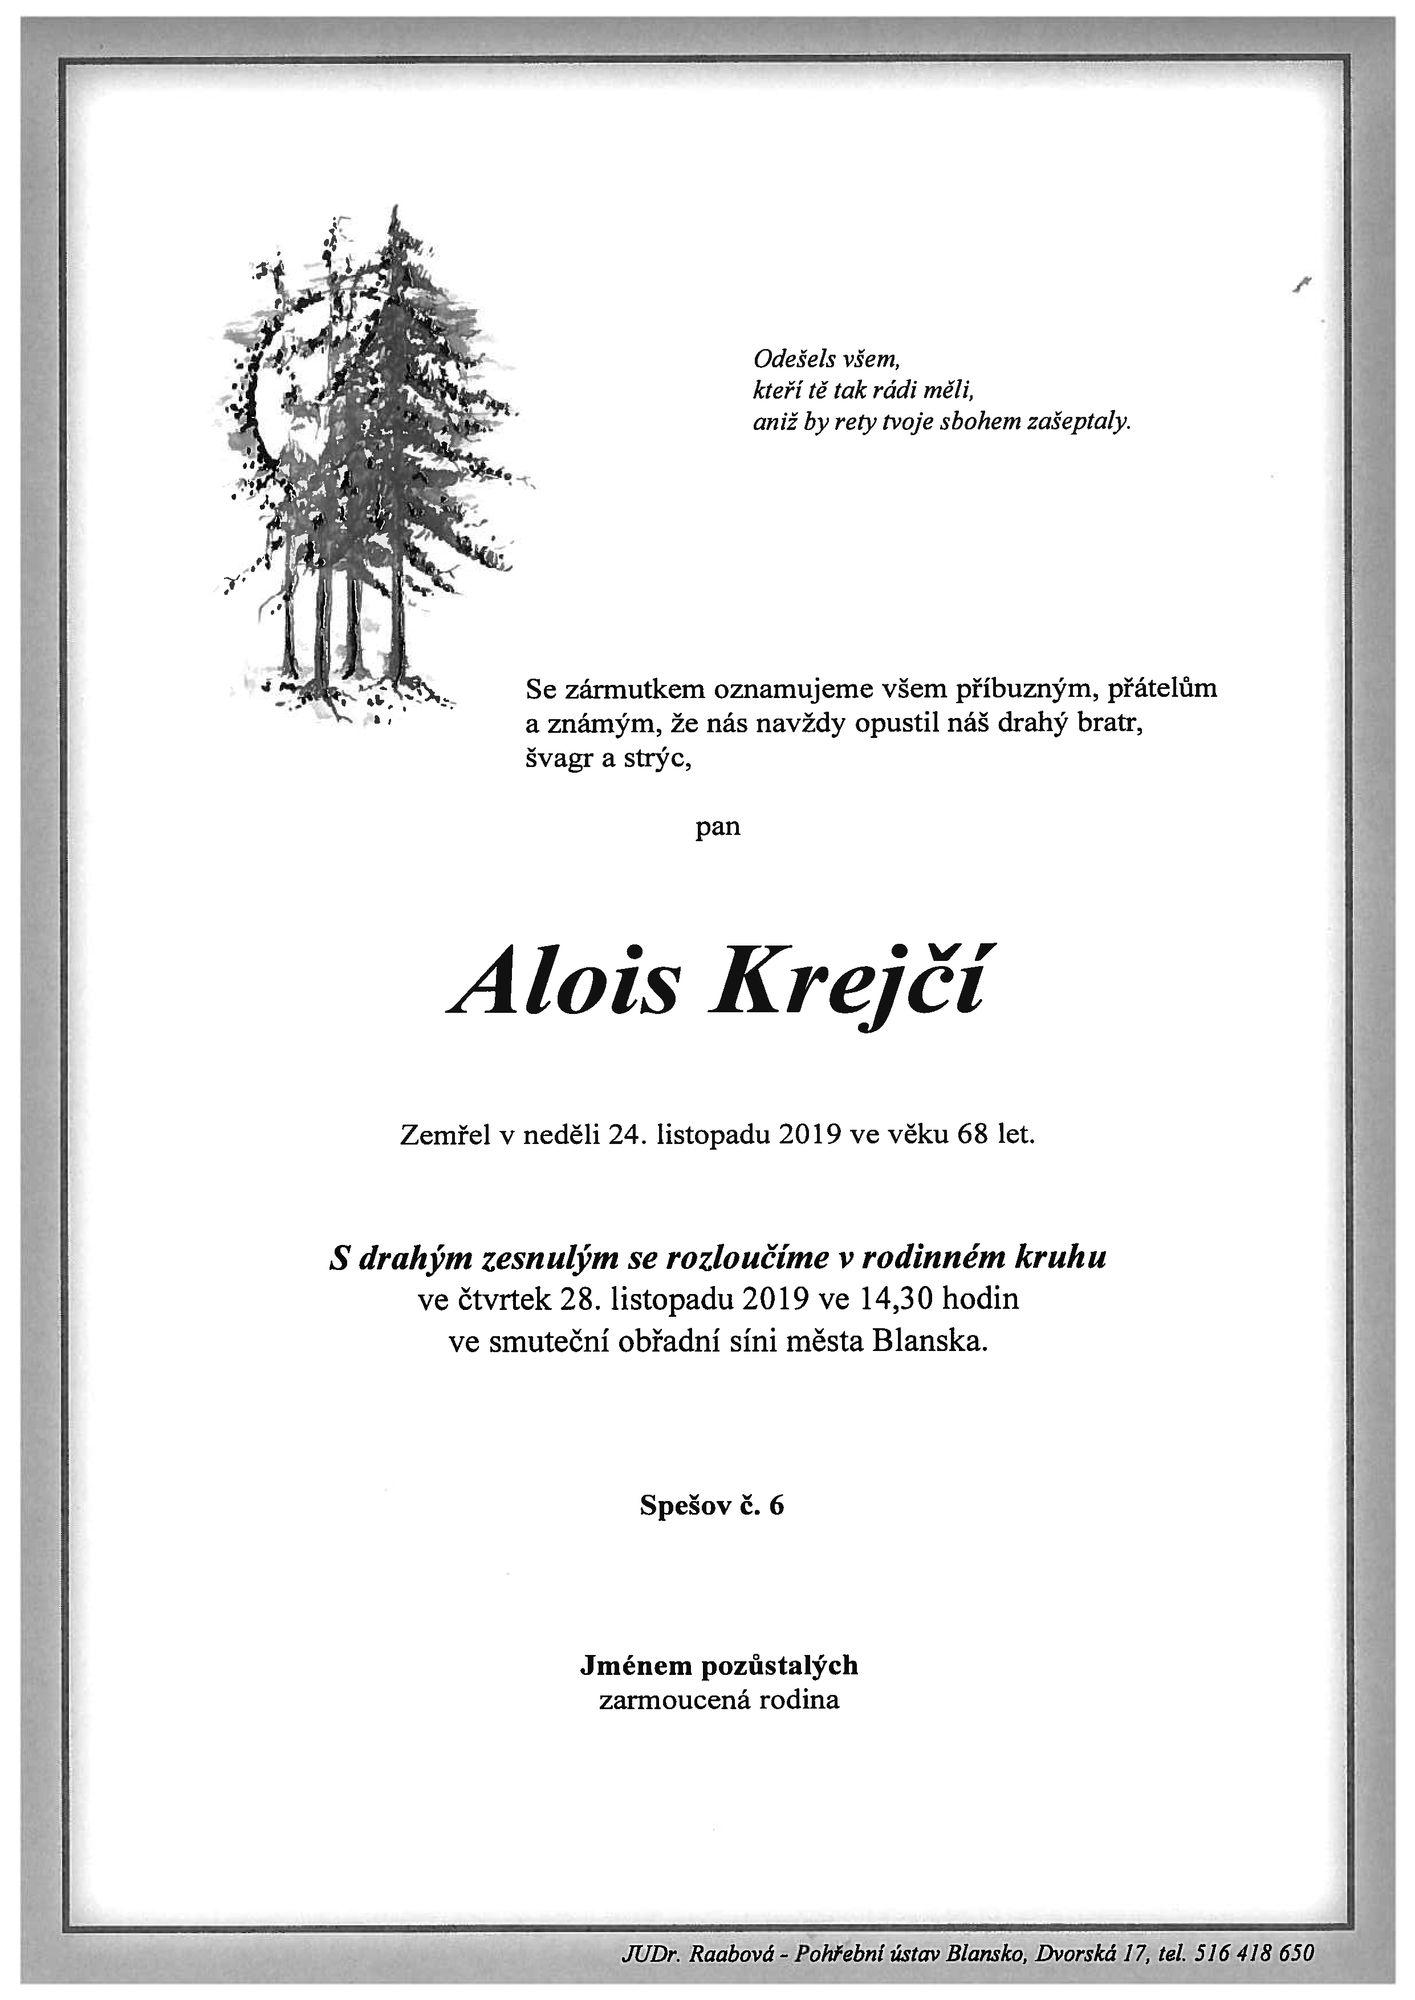 Alois Krejčí